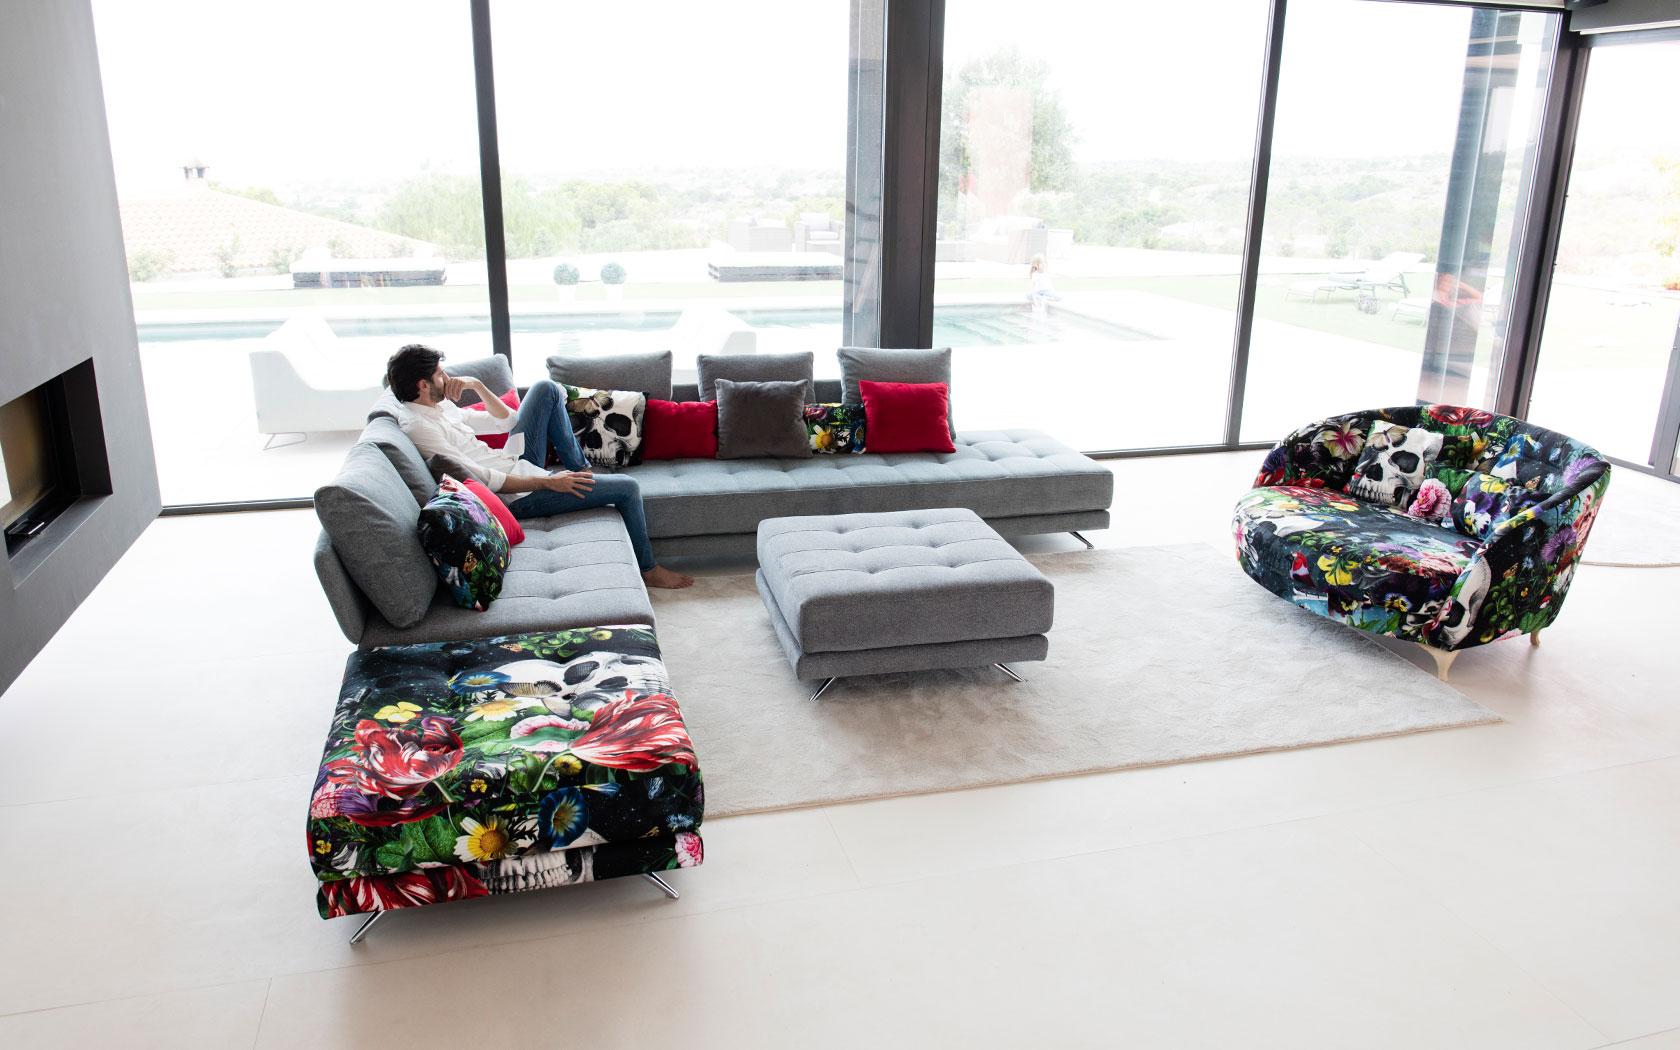 Pacific sofa Fama 2019 01